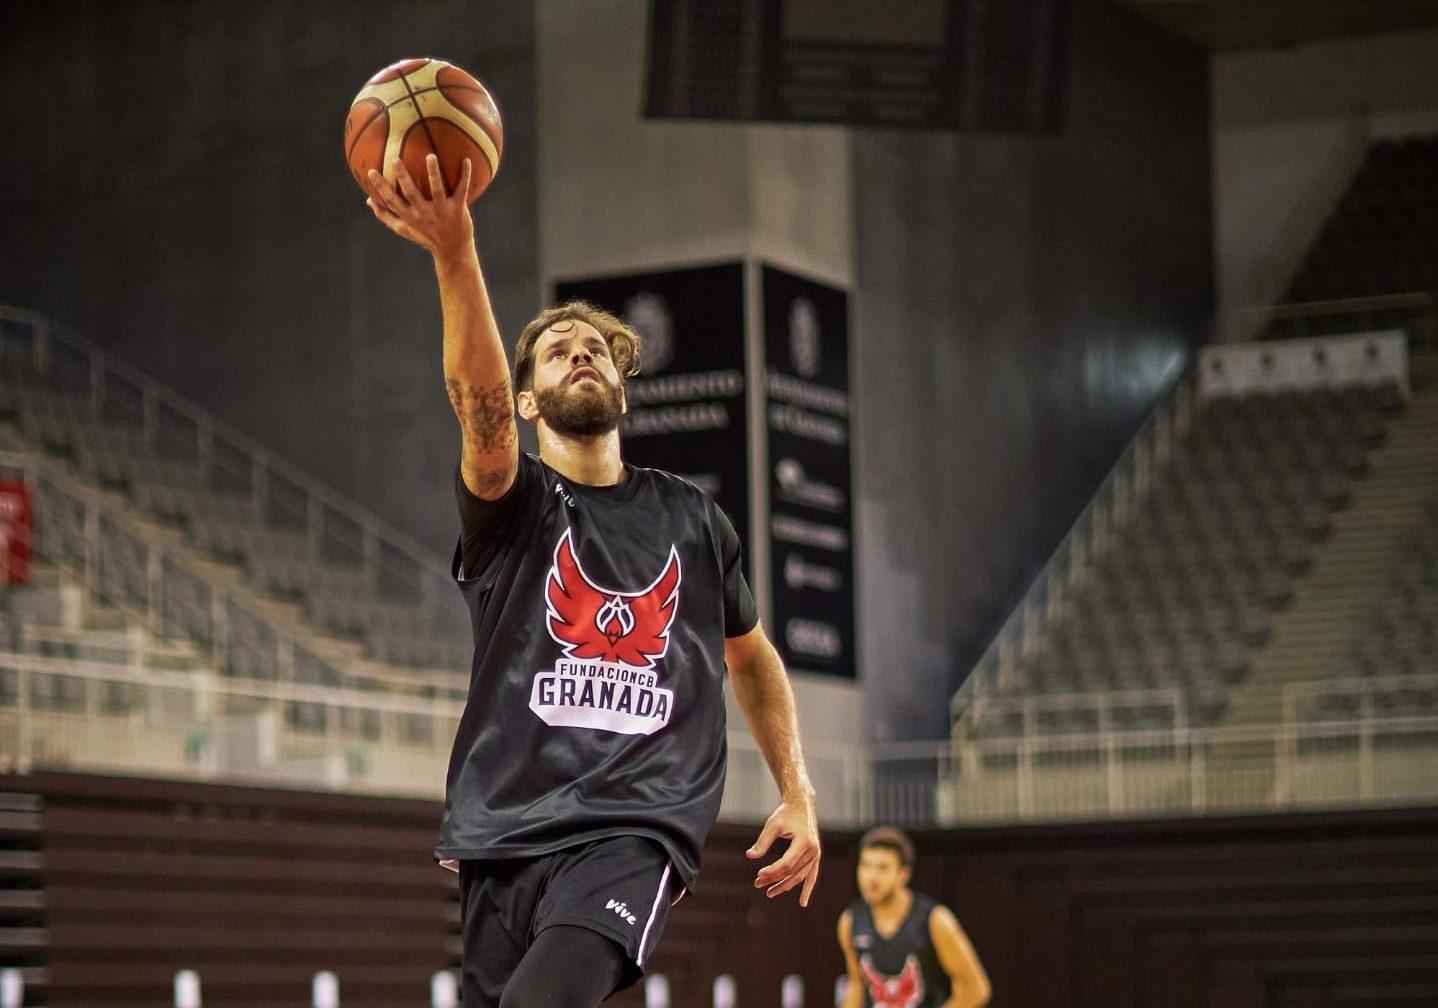 Christian Díaz comenzó a entrenar con Fundación CB Granada